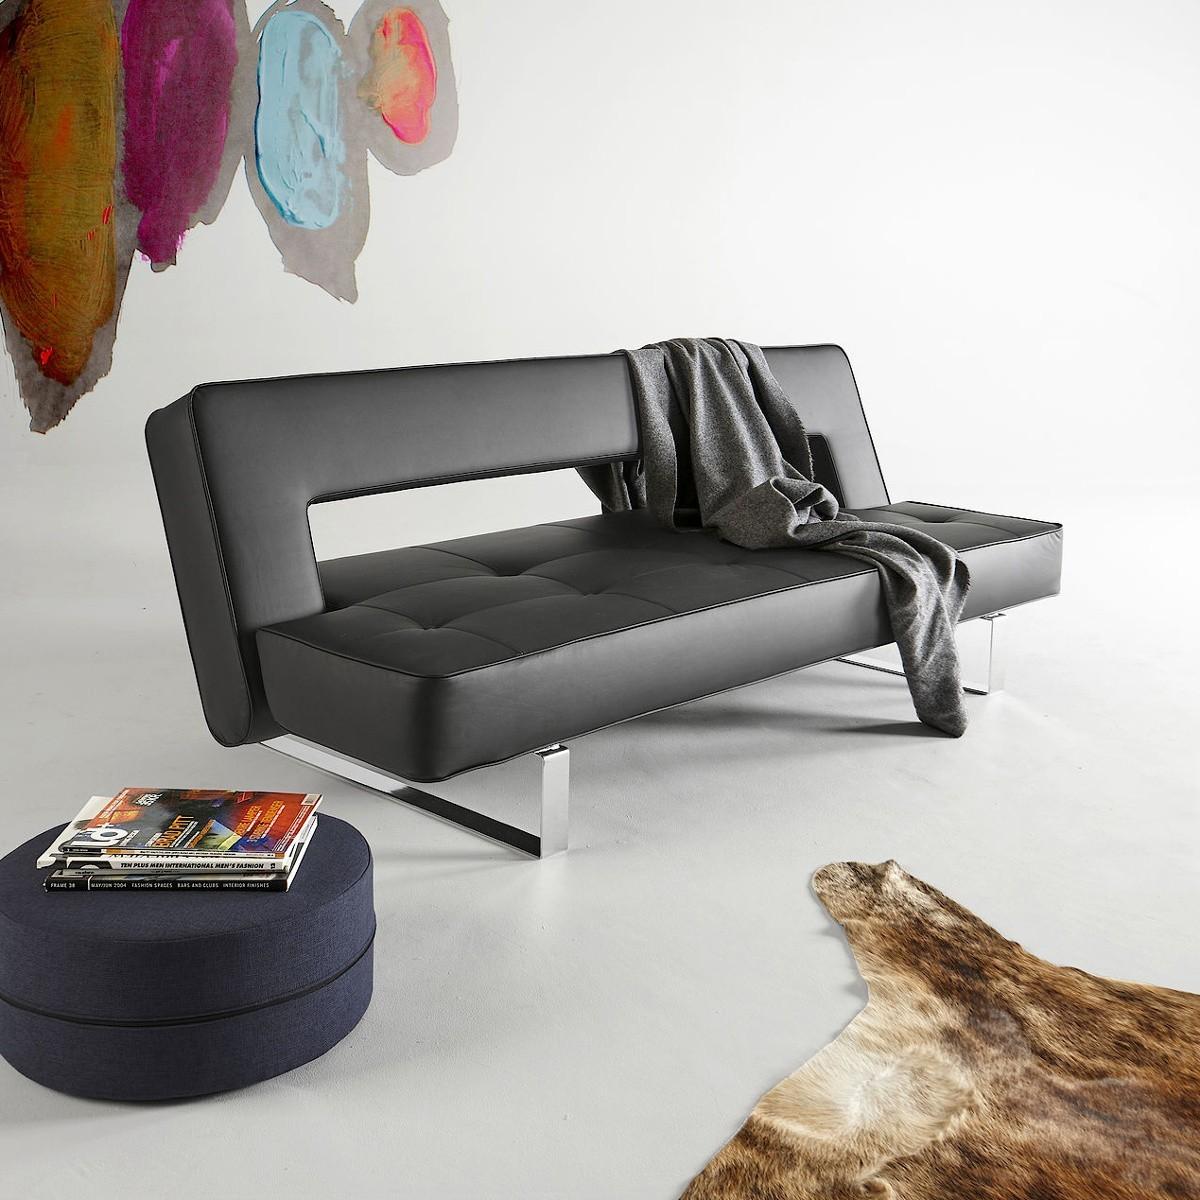 Arredo per monolocali i divani letto dal design moderno smartarredo blog - Divano letto design ...